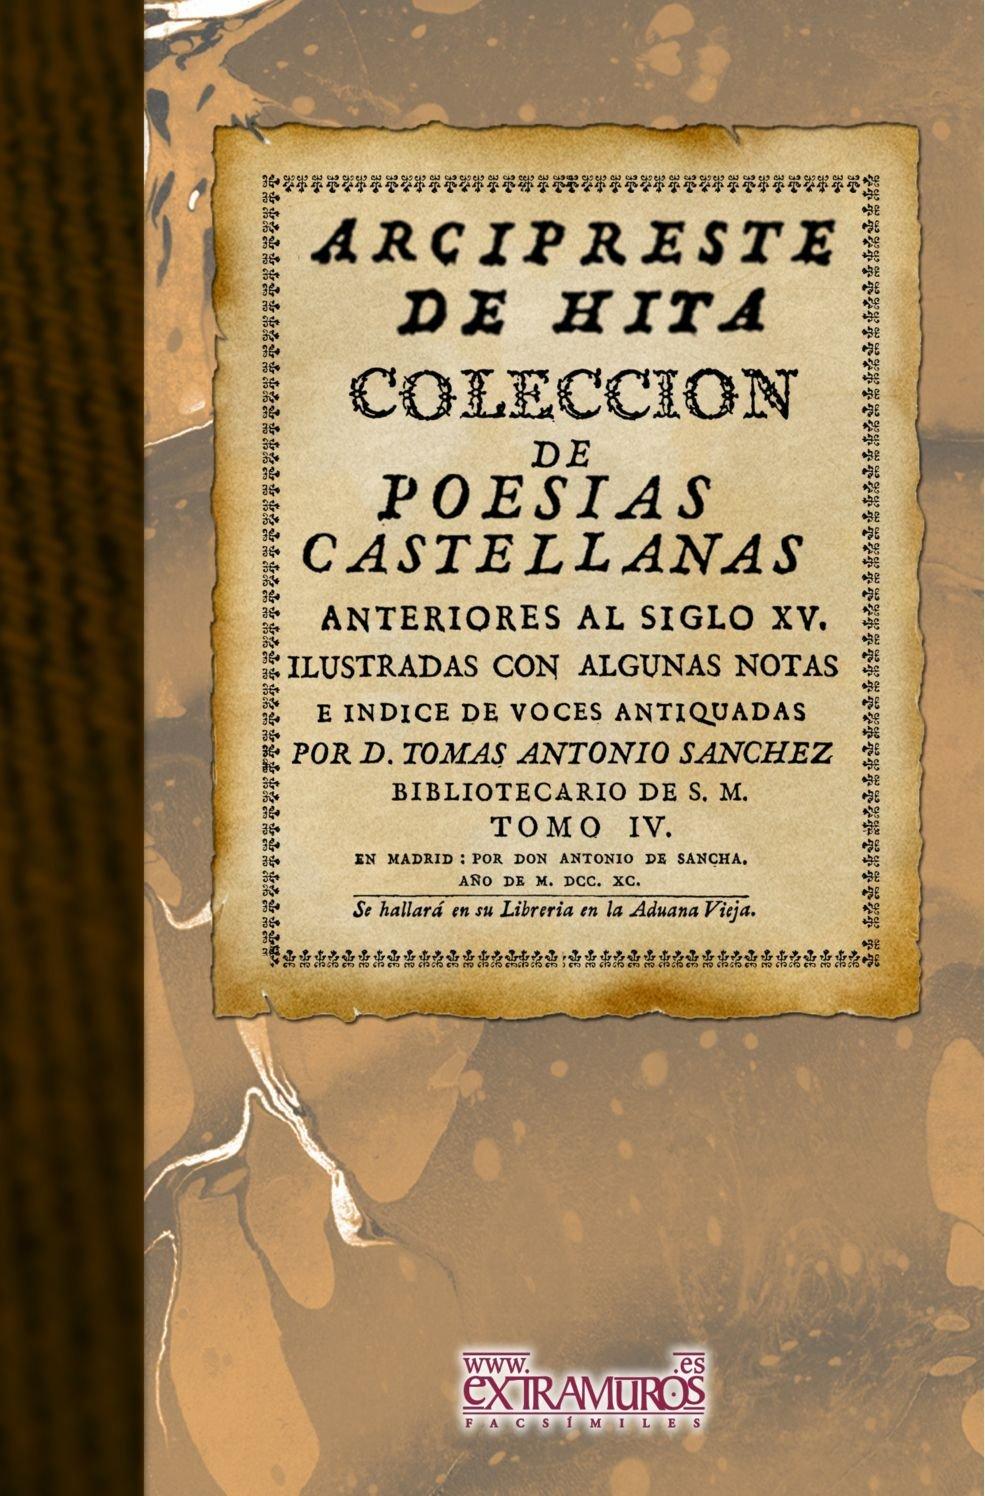 Download Colección De Poesías Castellanas Anteriores Al Siglo Xv (Spanish Edition) PDF